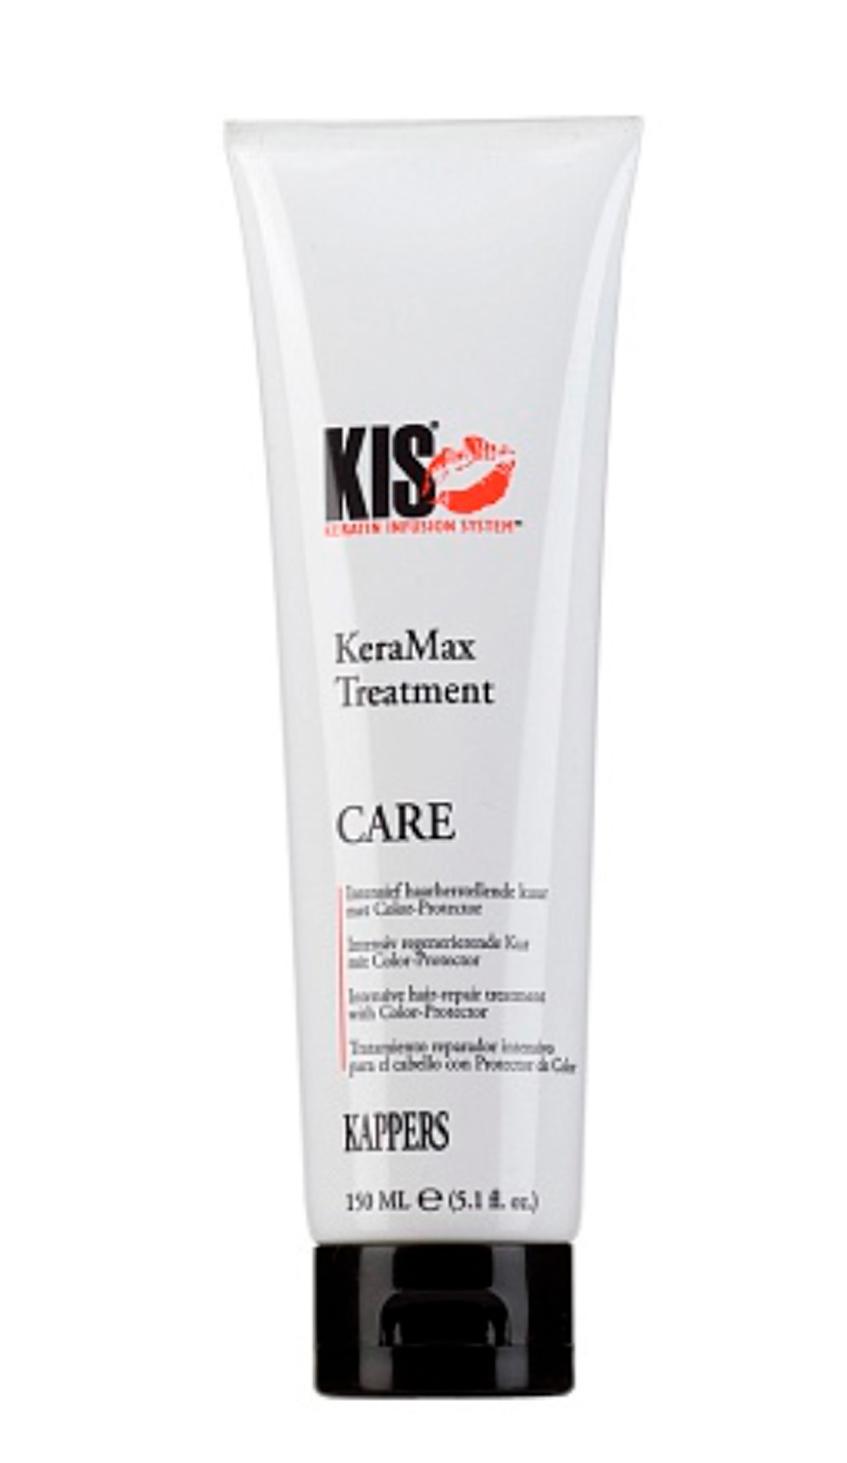 Кератиново-увлажняющая маска KIS KeraMax Treatment